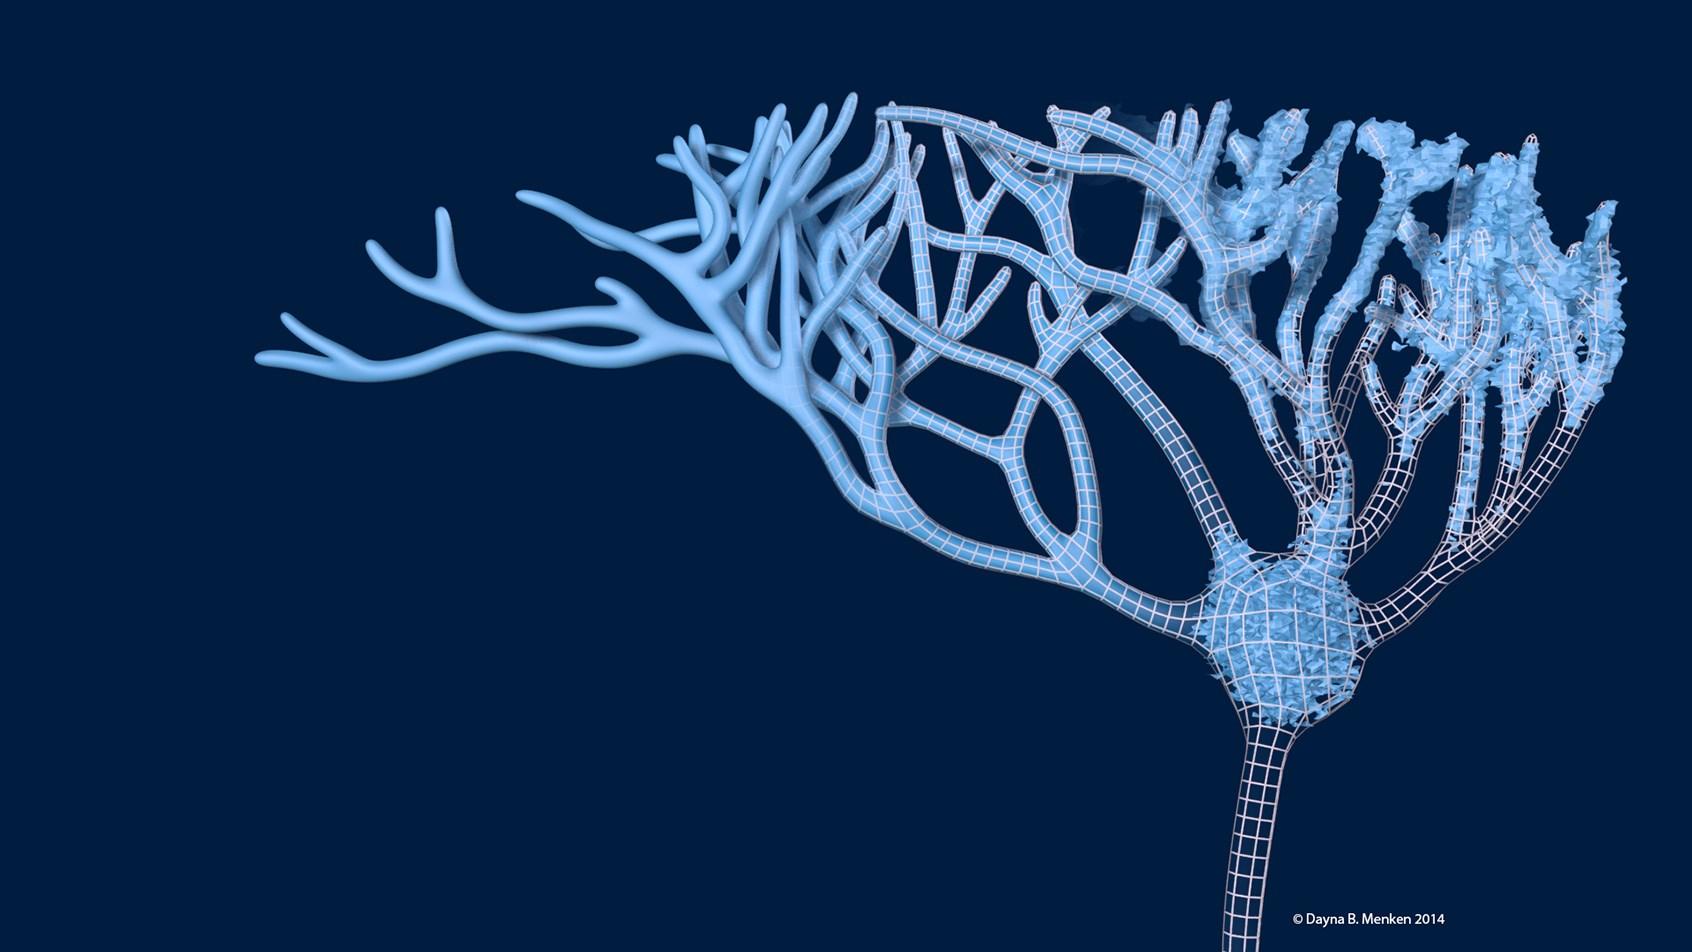 Designer BioMed 3D Neuron Model